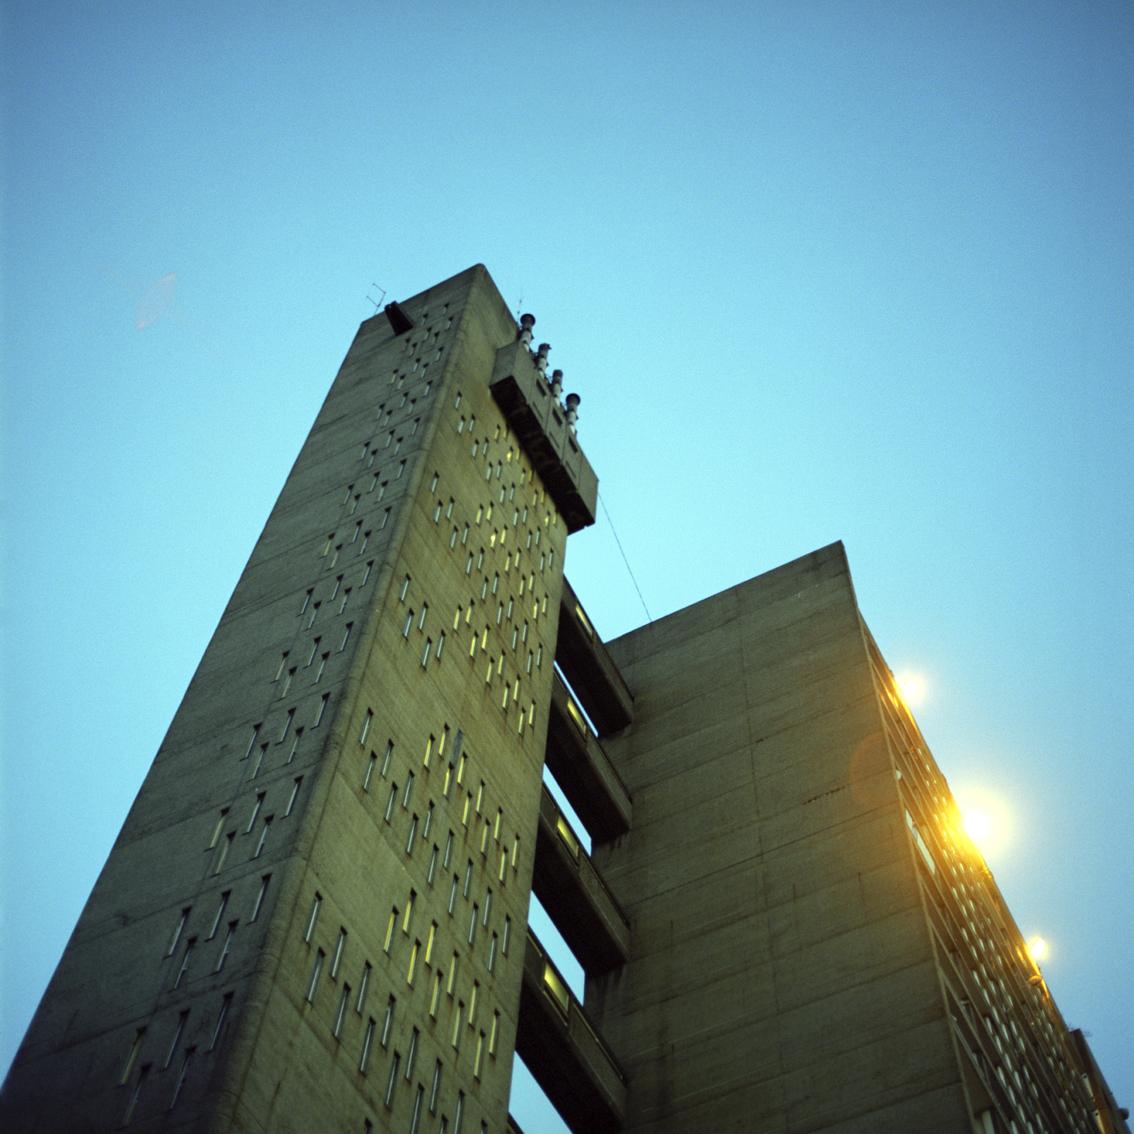 Balfron Tower, Tower Hamlets